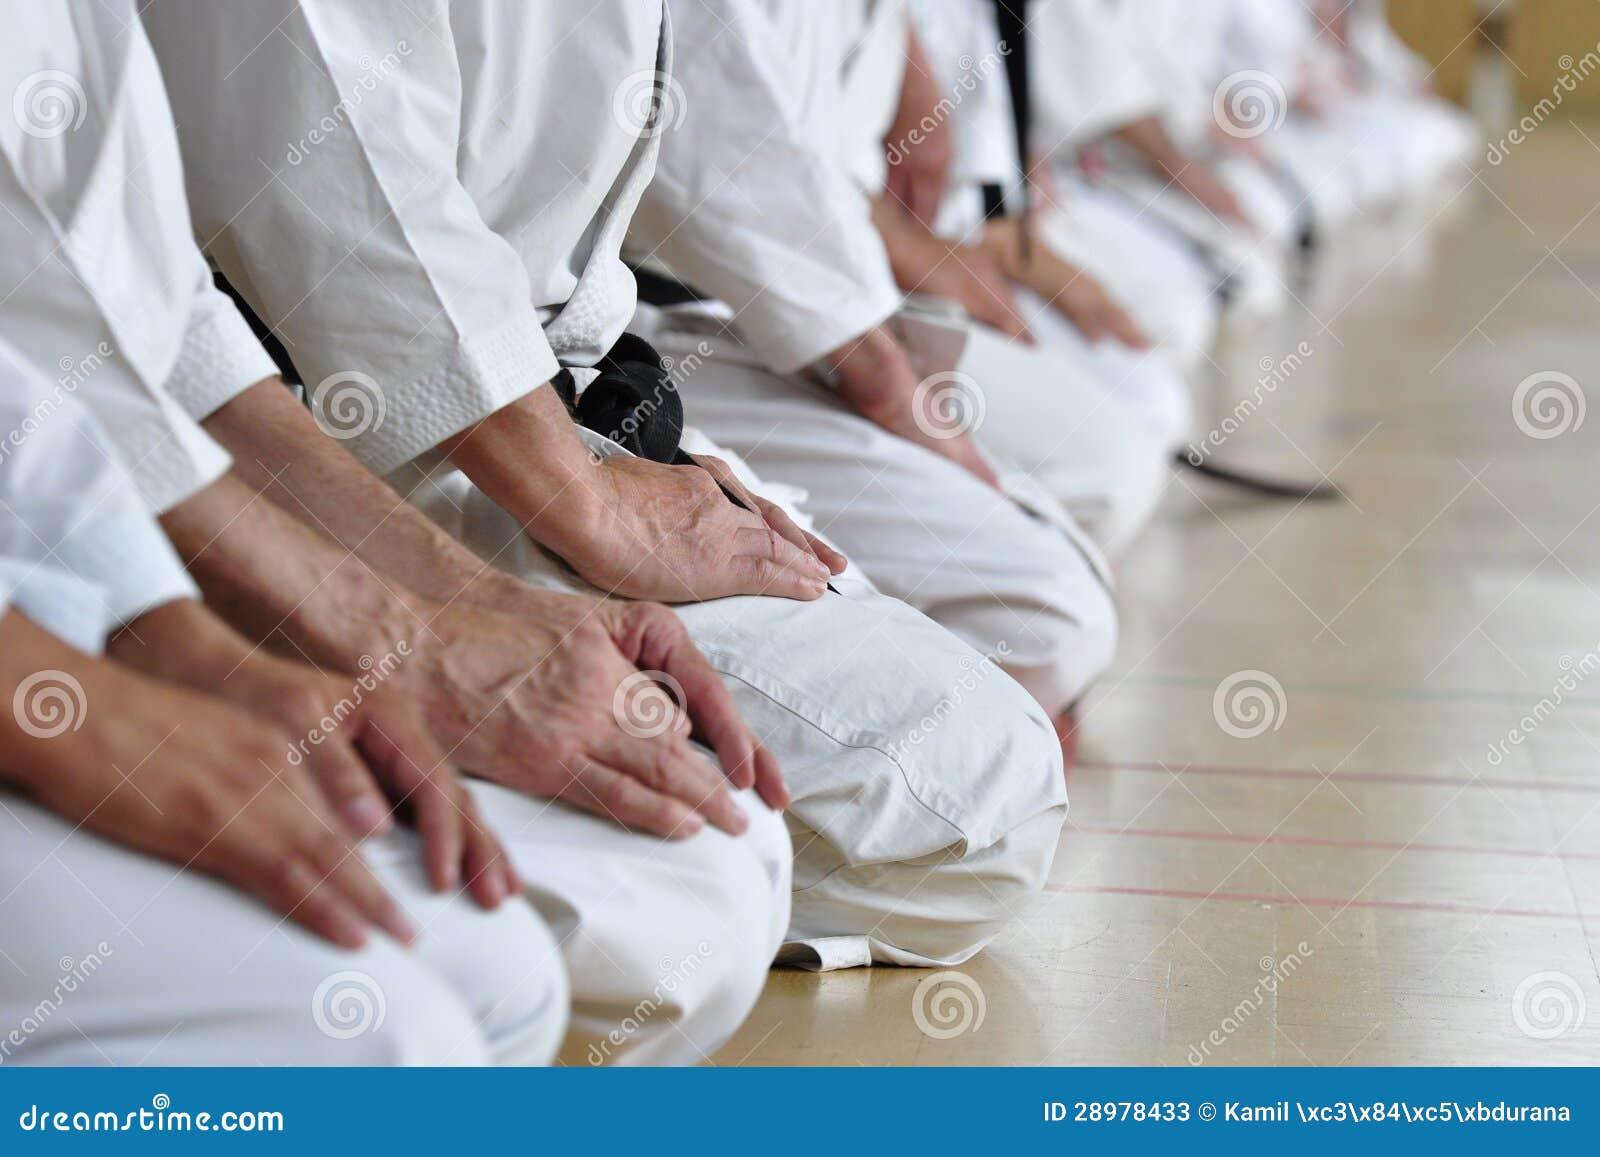 Étudiants d arts martiaux